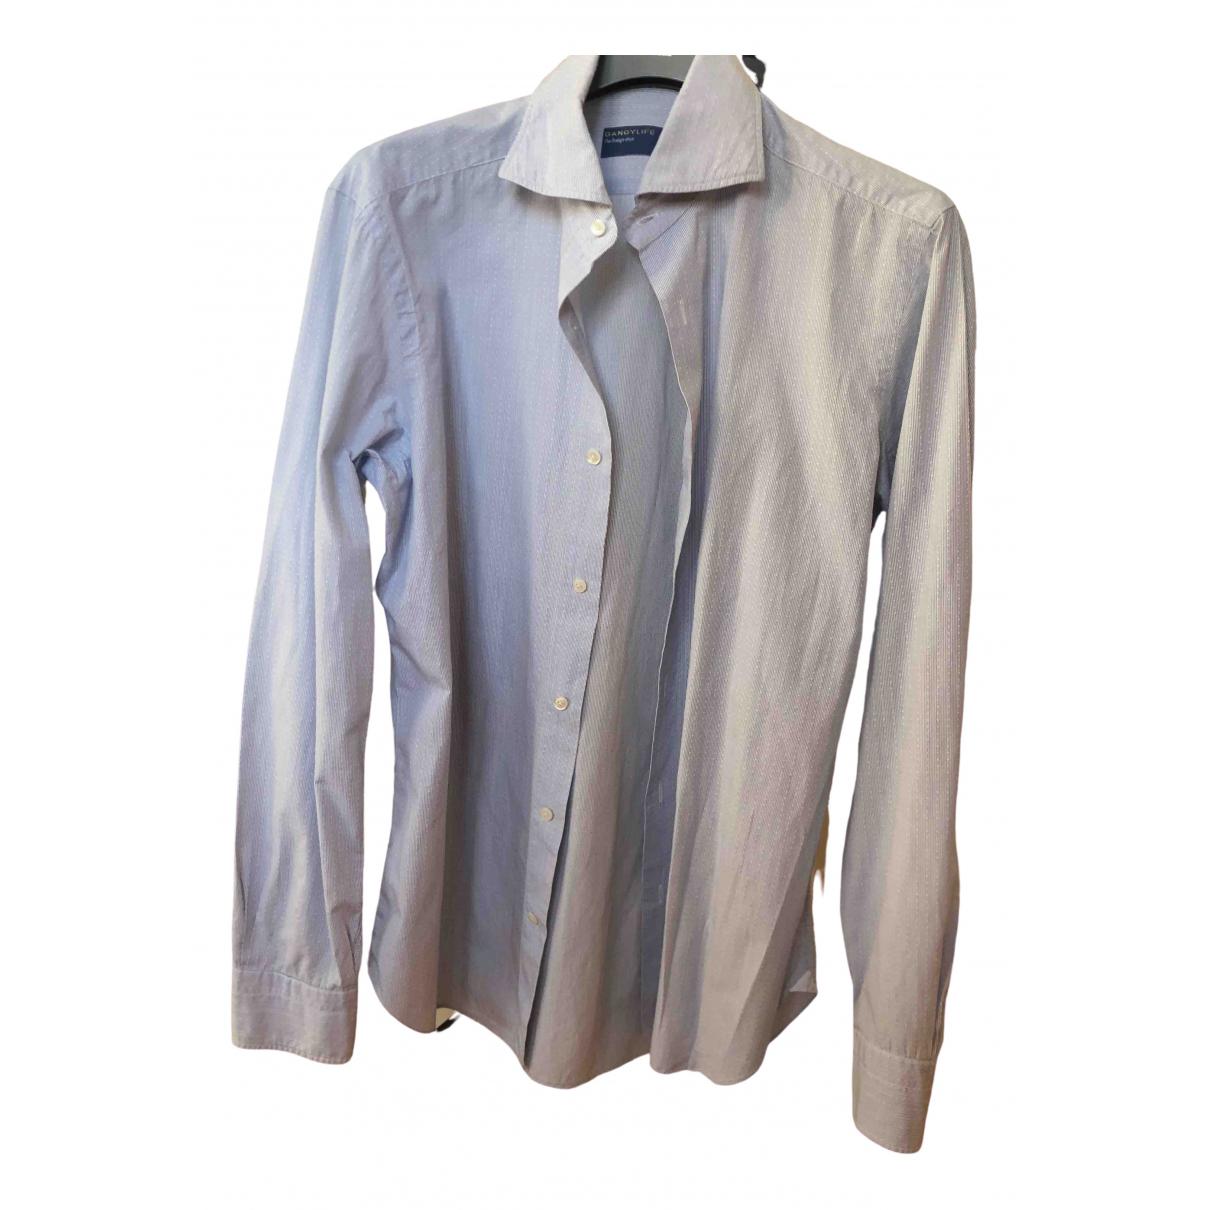 Barba \N Cotton Shirts for Men 40 EU (tour de cou / collar)